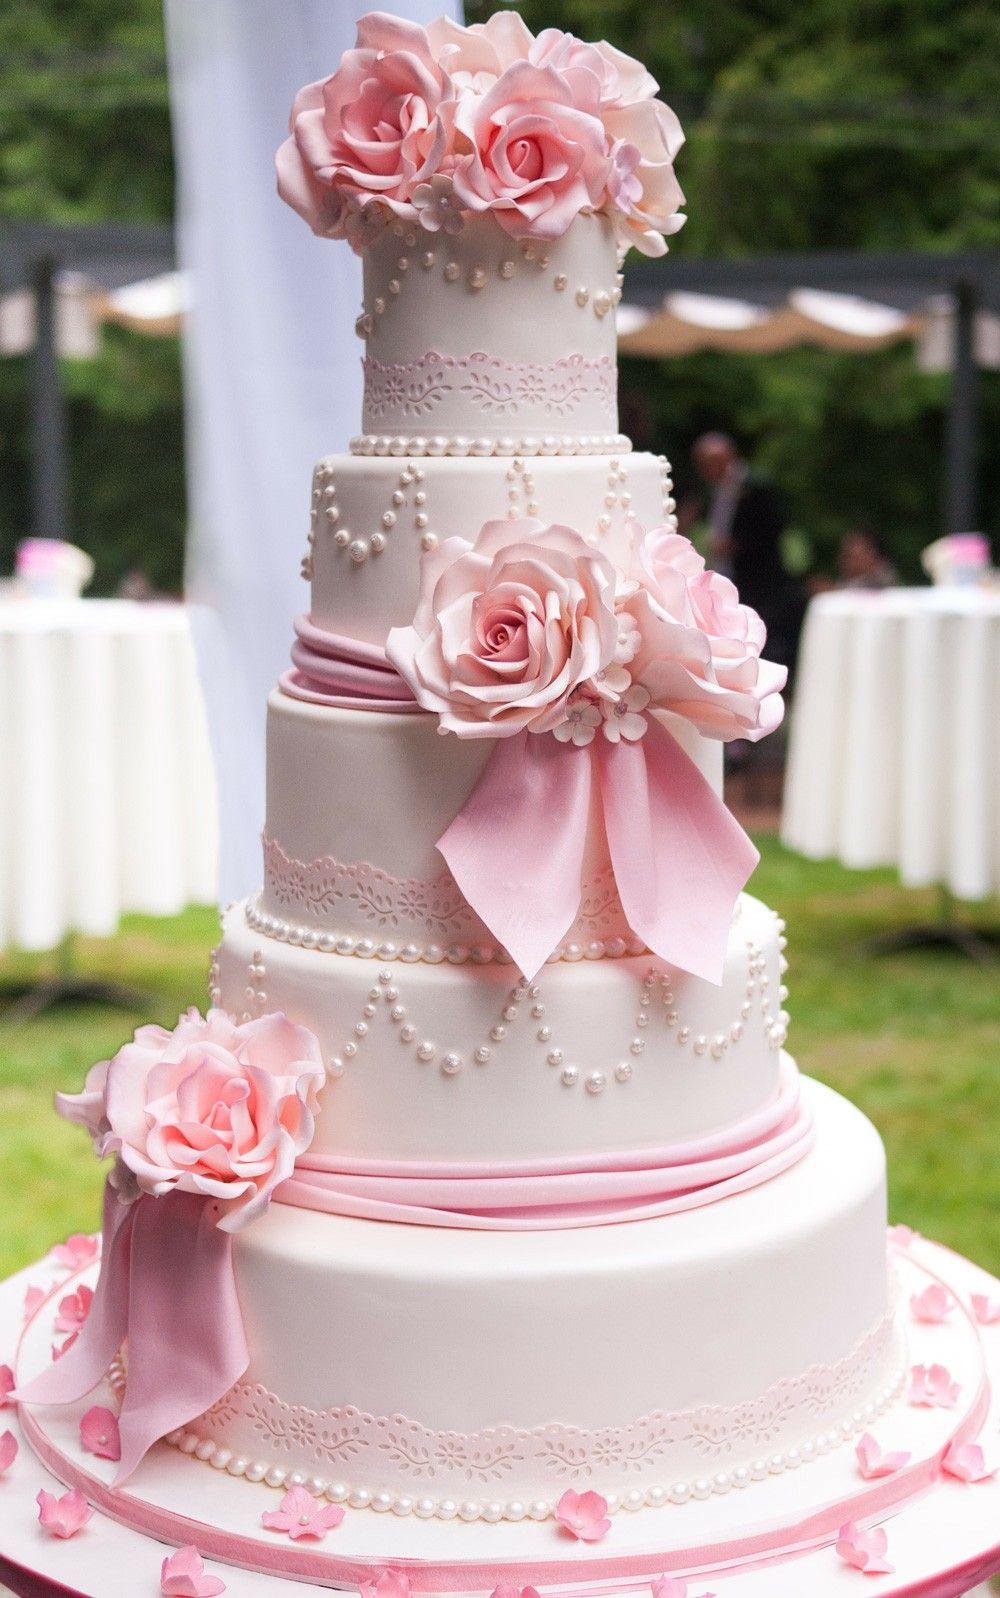 Pin de Kamor Lopez en Cakes and something else... | Pinterest